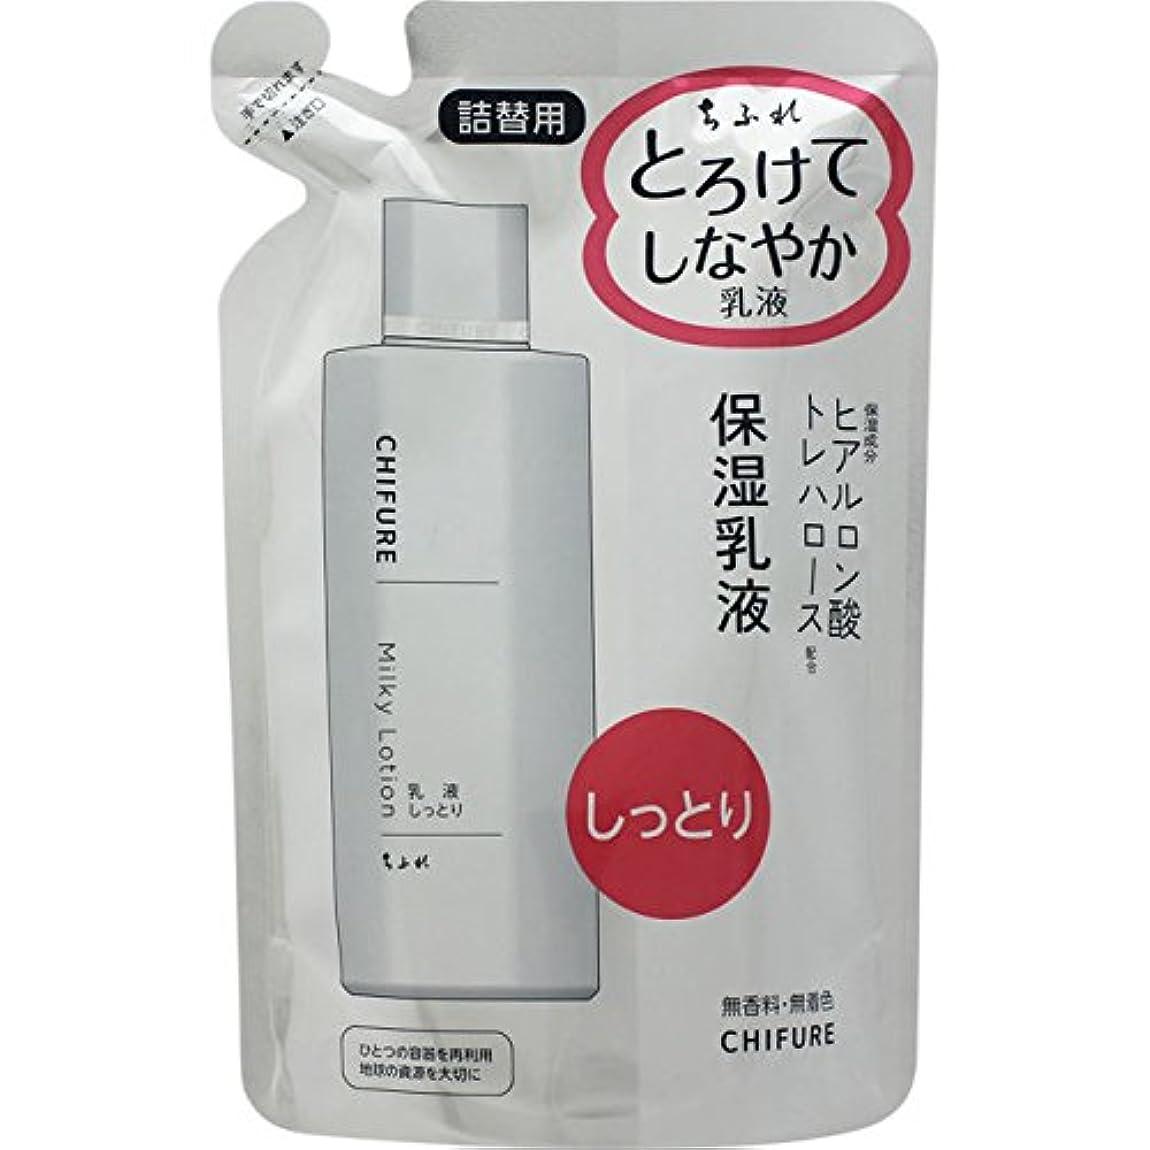 ナプキンなぜ映画ちふれ化粧品 乳液しっとりタイプN詰替用 150ml 150ML